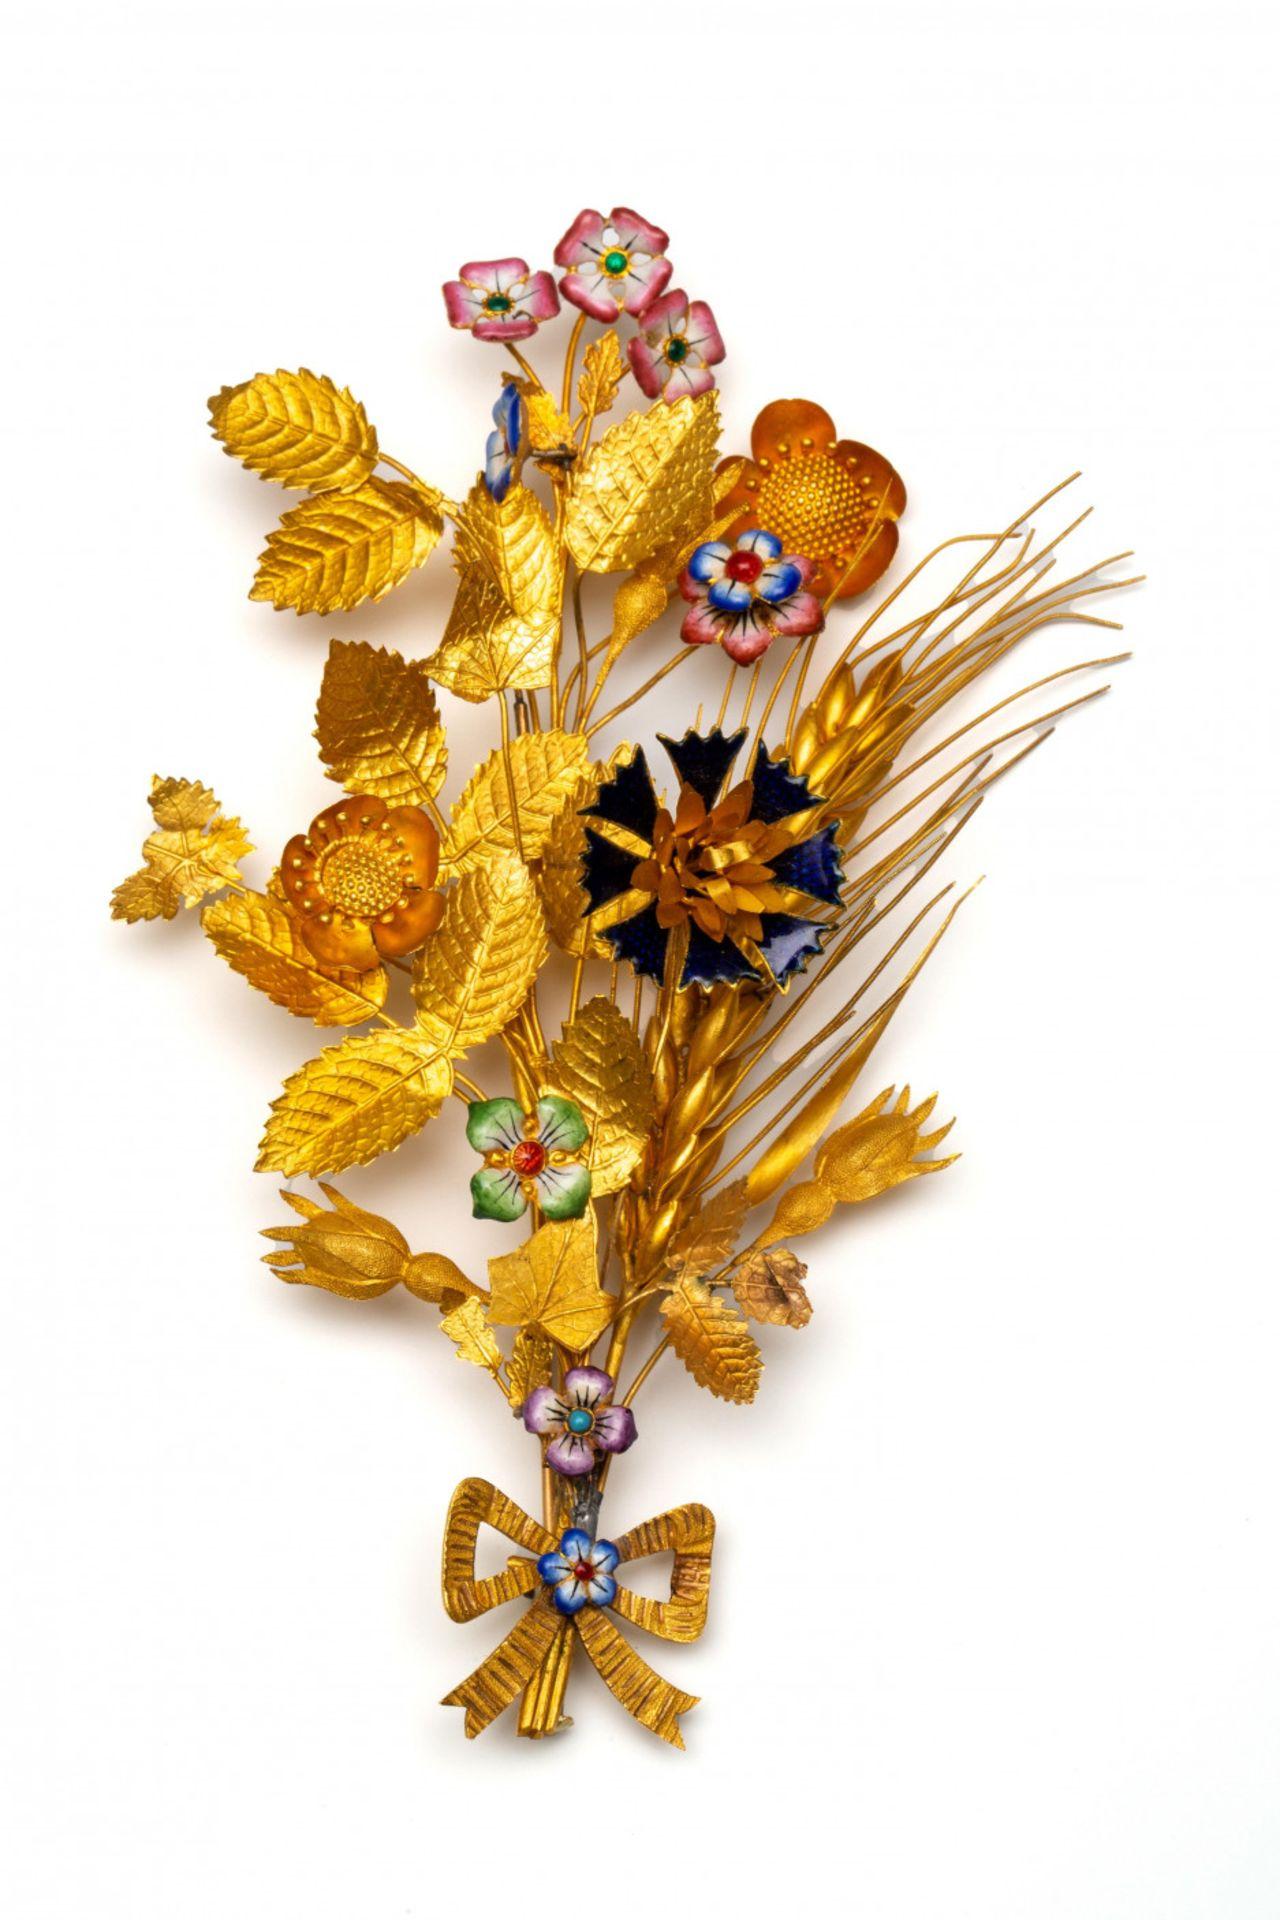 14krt. Gouden corsage broche, 19e eeuw,